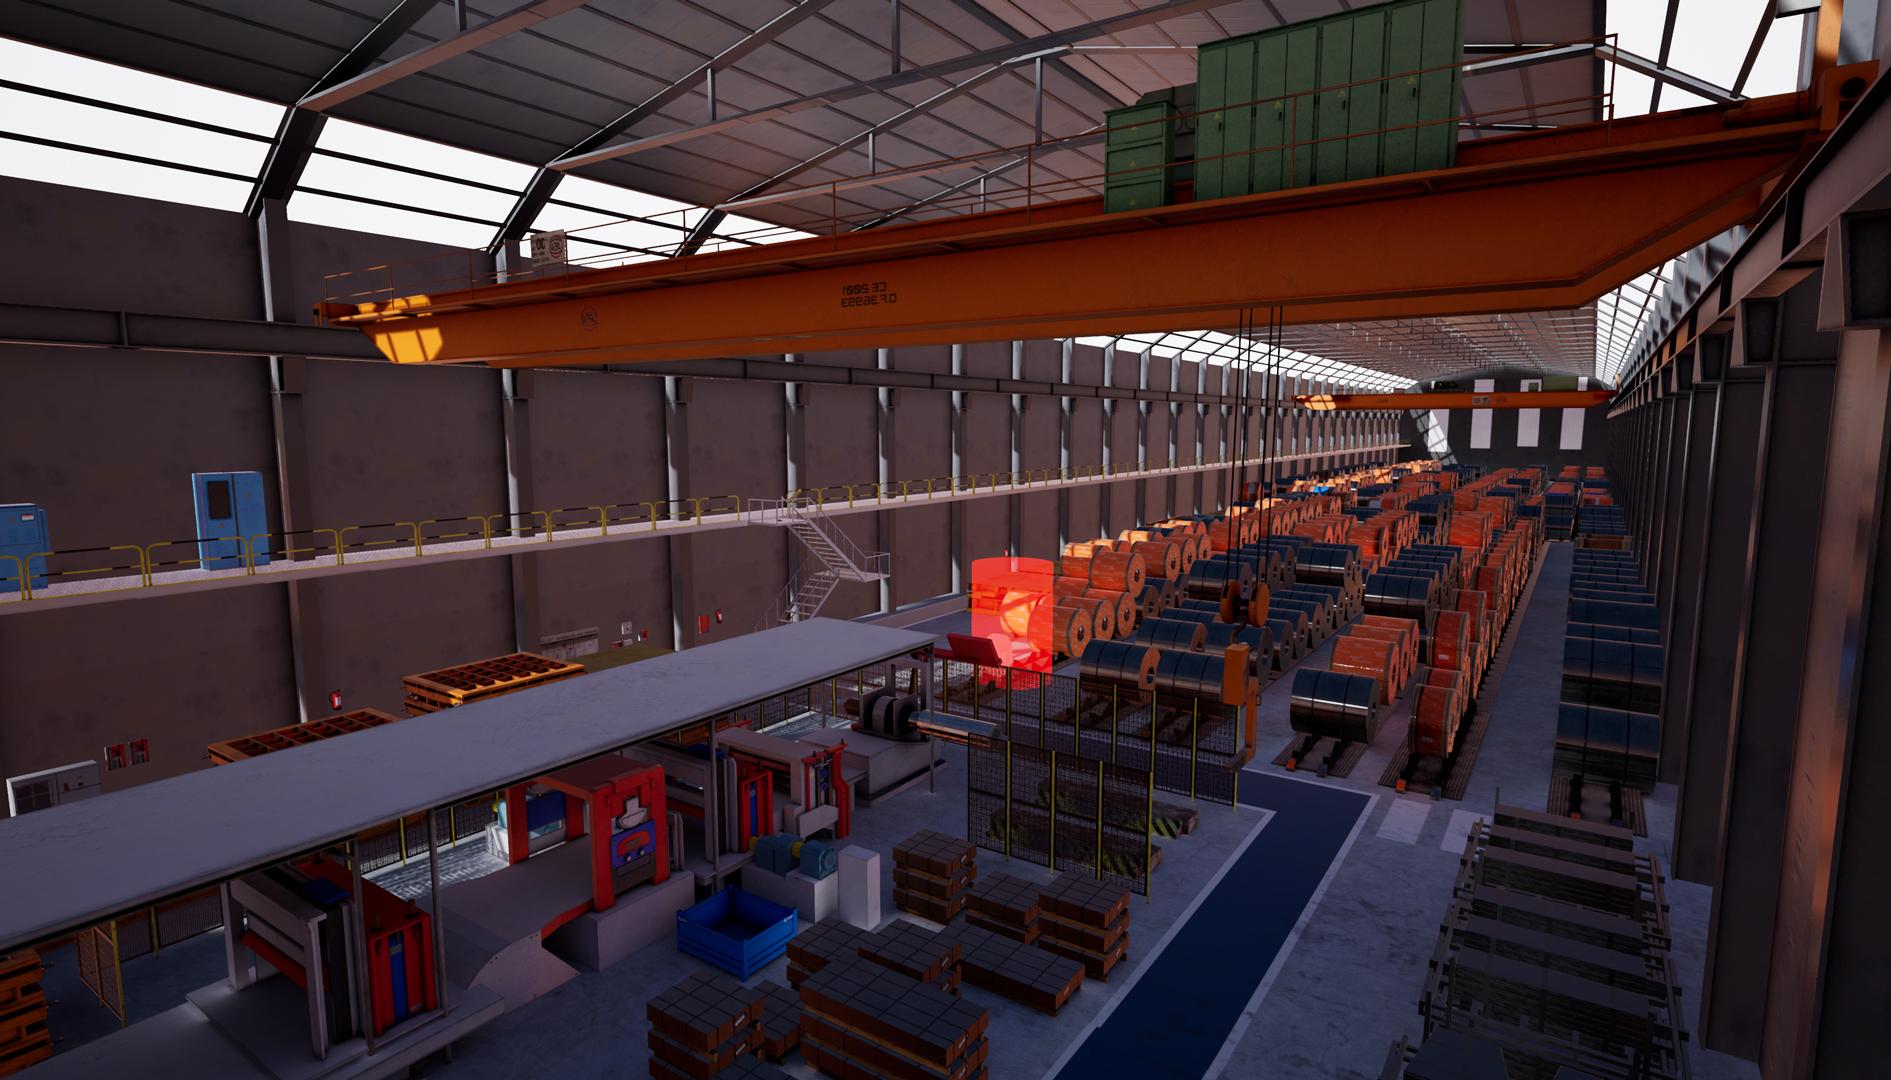 Simulador en realidad virtual de puente grúa con mando hecho en Unreal Engine 4 Vista general